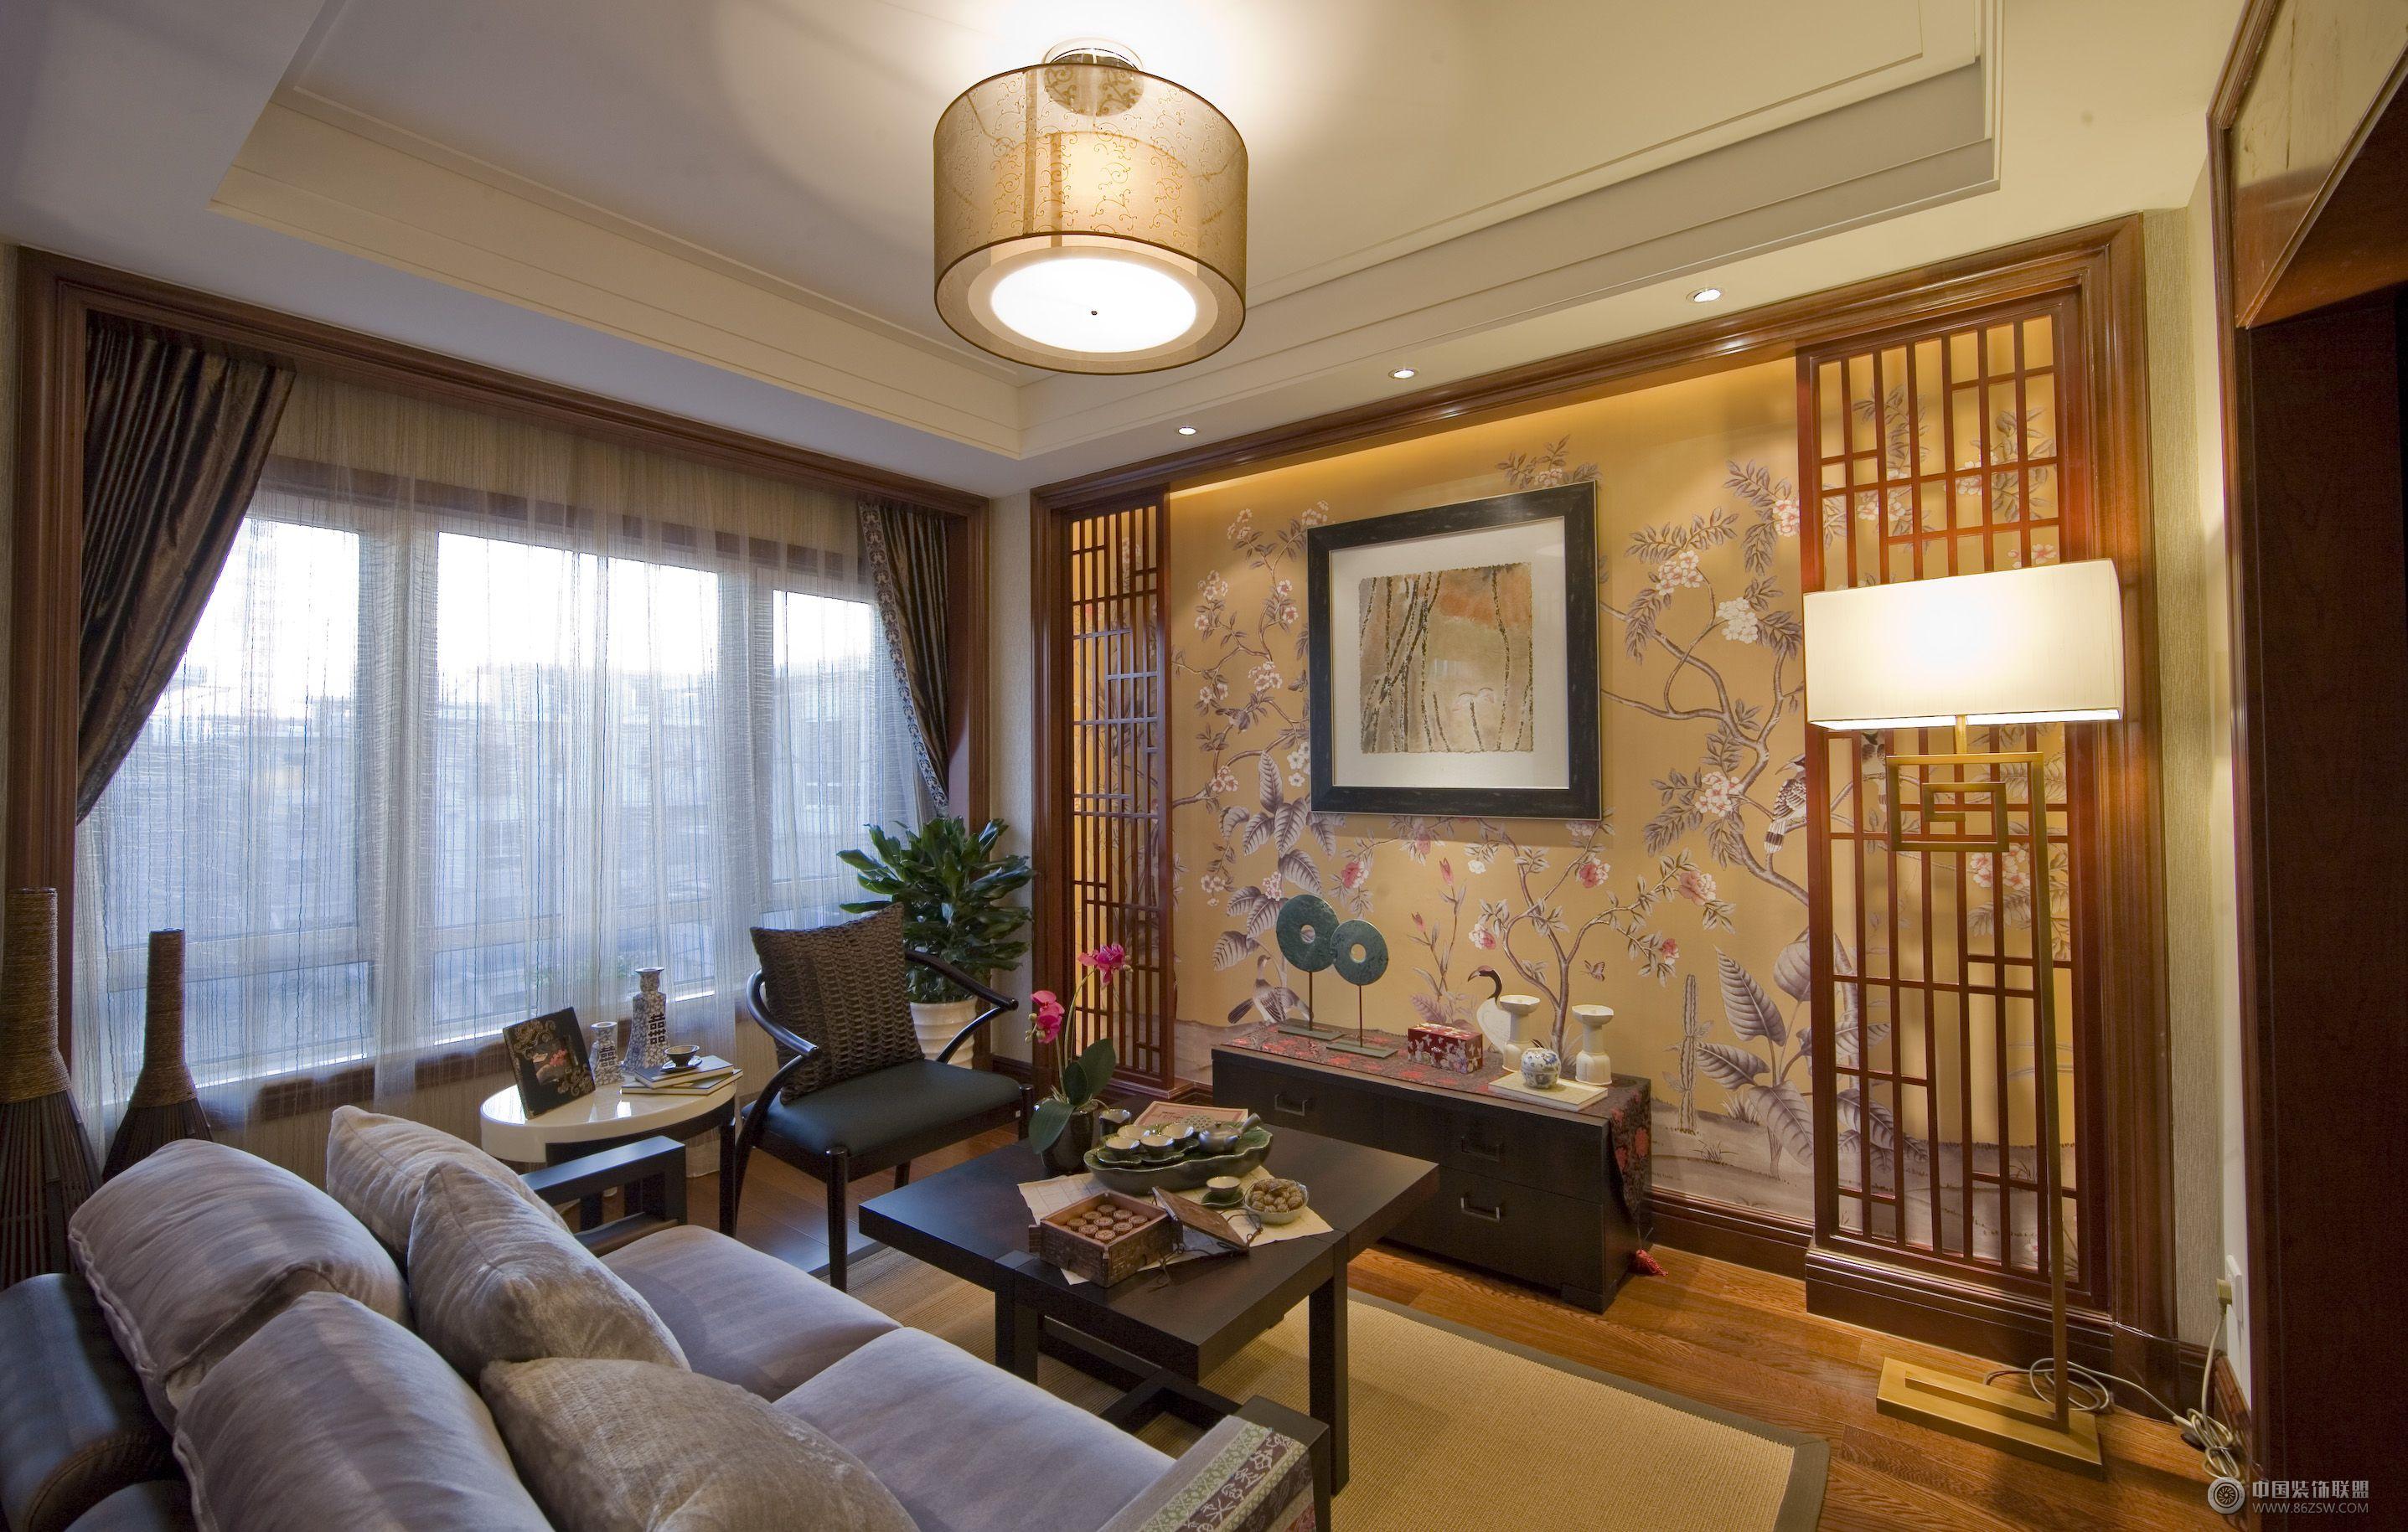 中式风格豪华复式设计效果图 餐厅装修图片